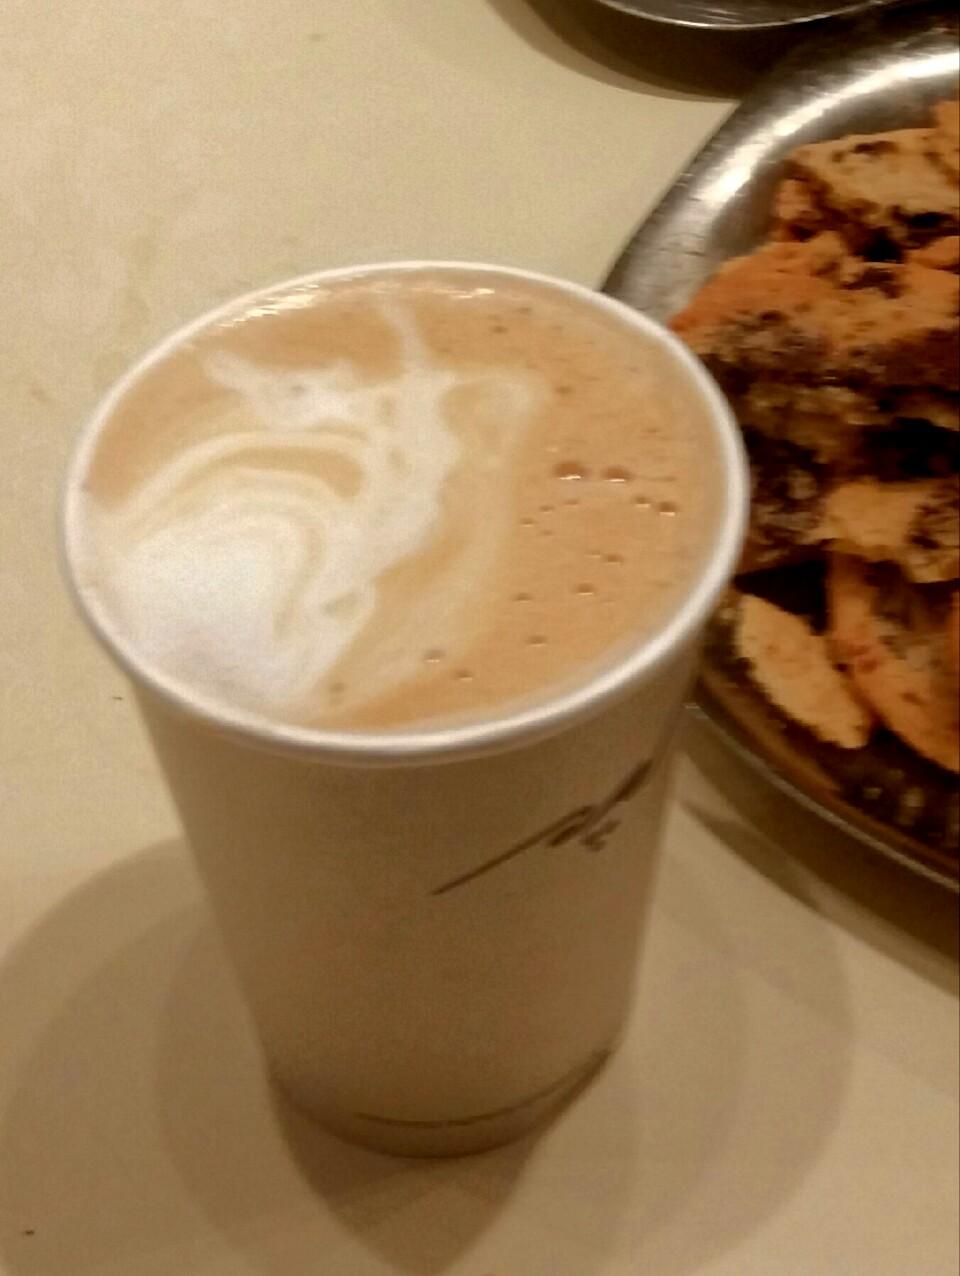 קפה או קפאין לפני אימון?